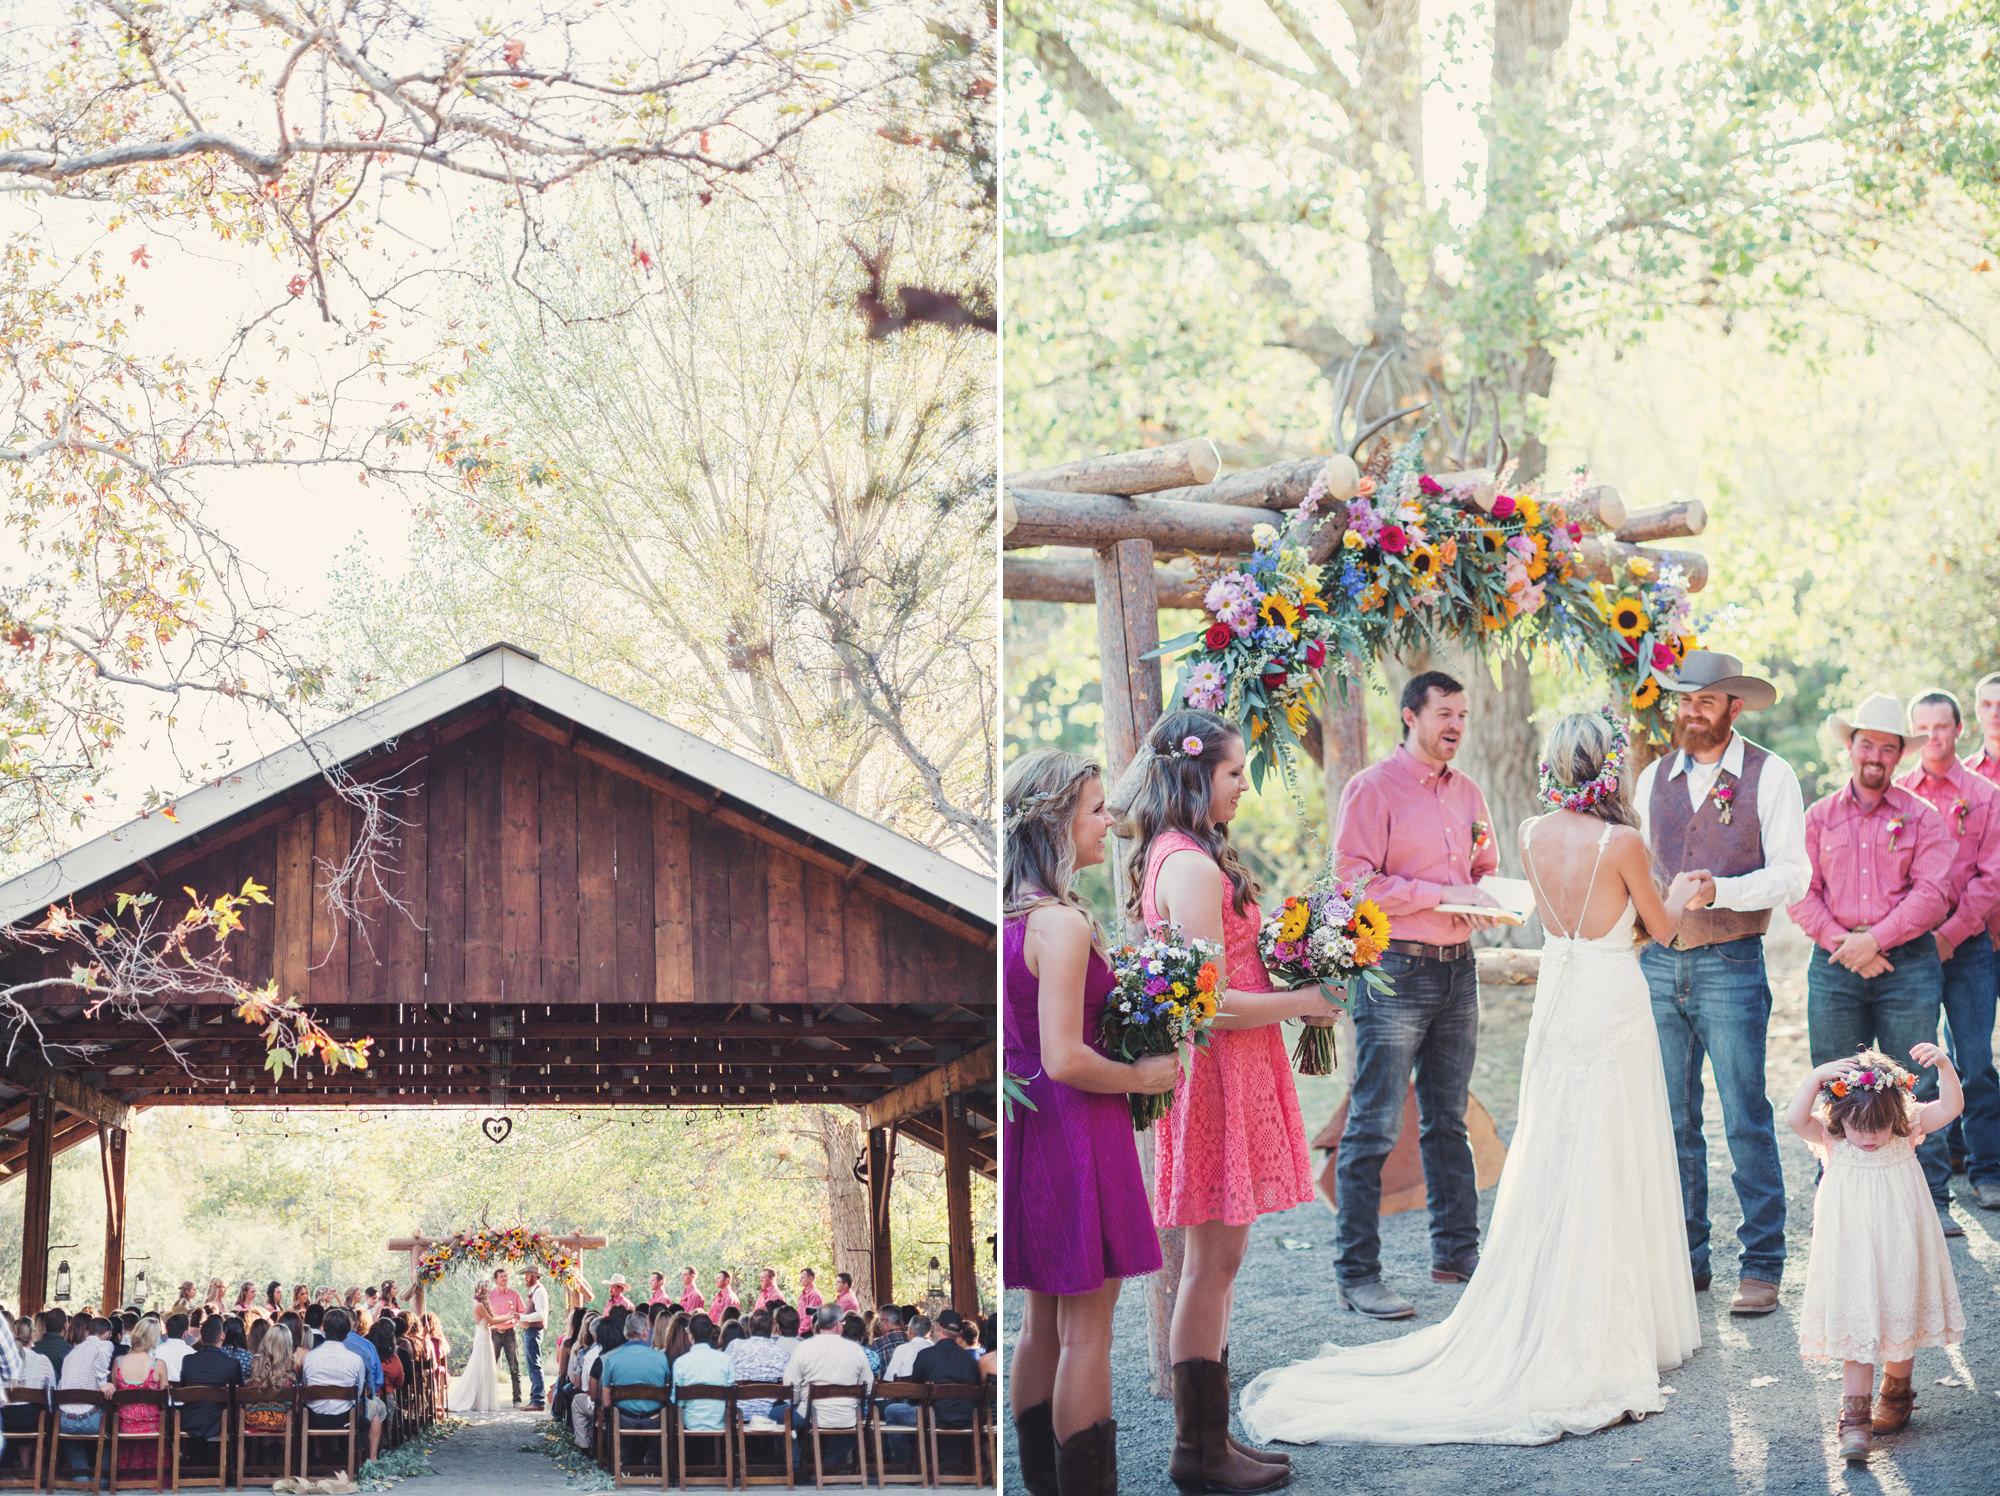 Rustic wedding in California ©Anne-Claire Brun 75